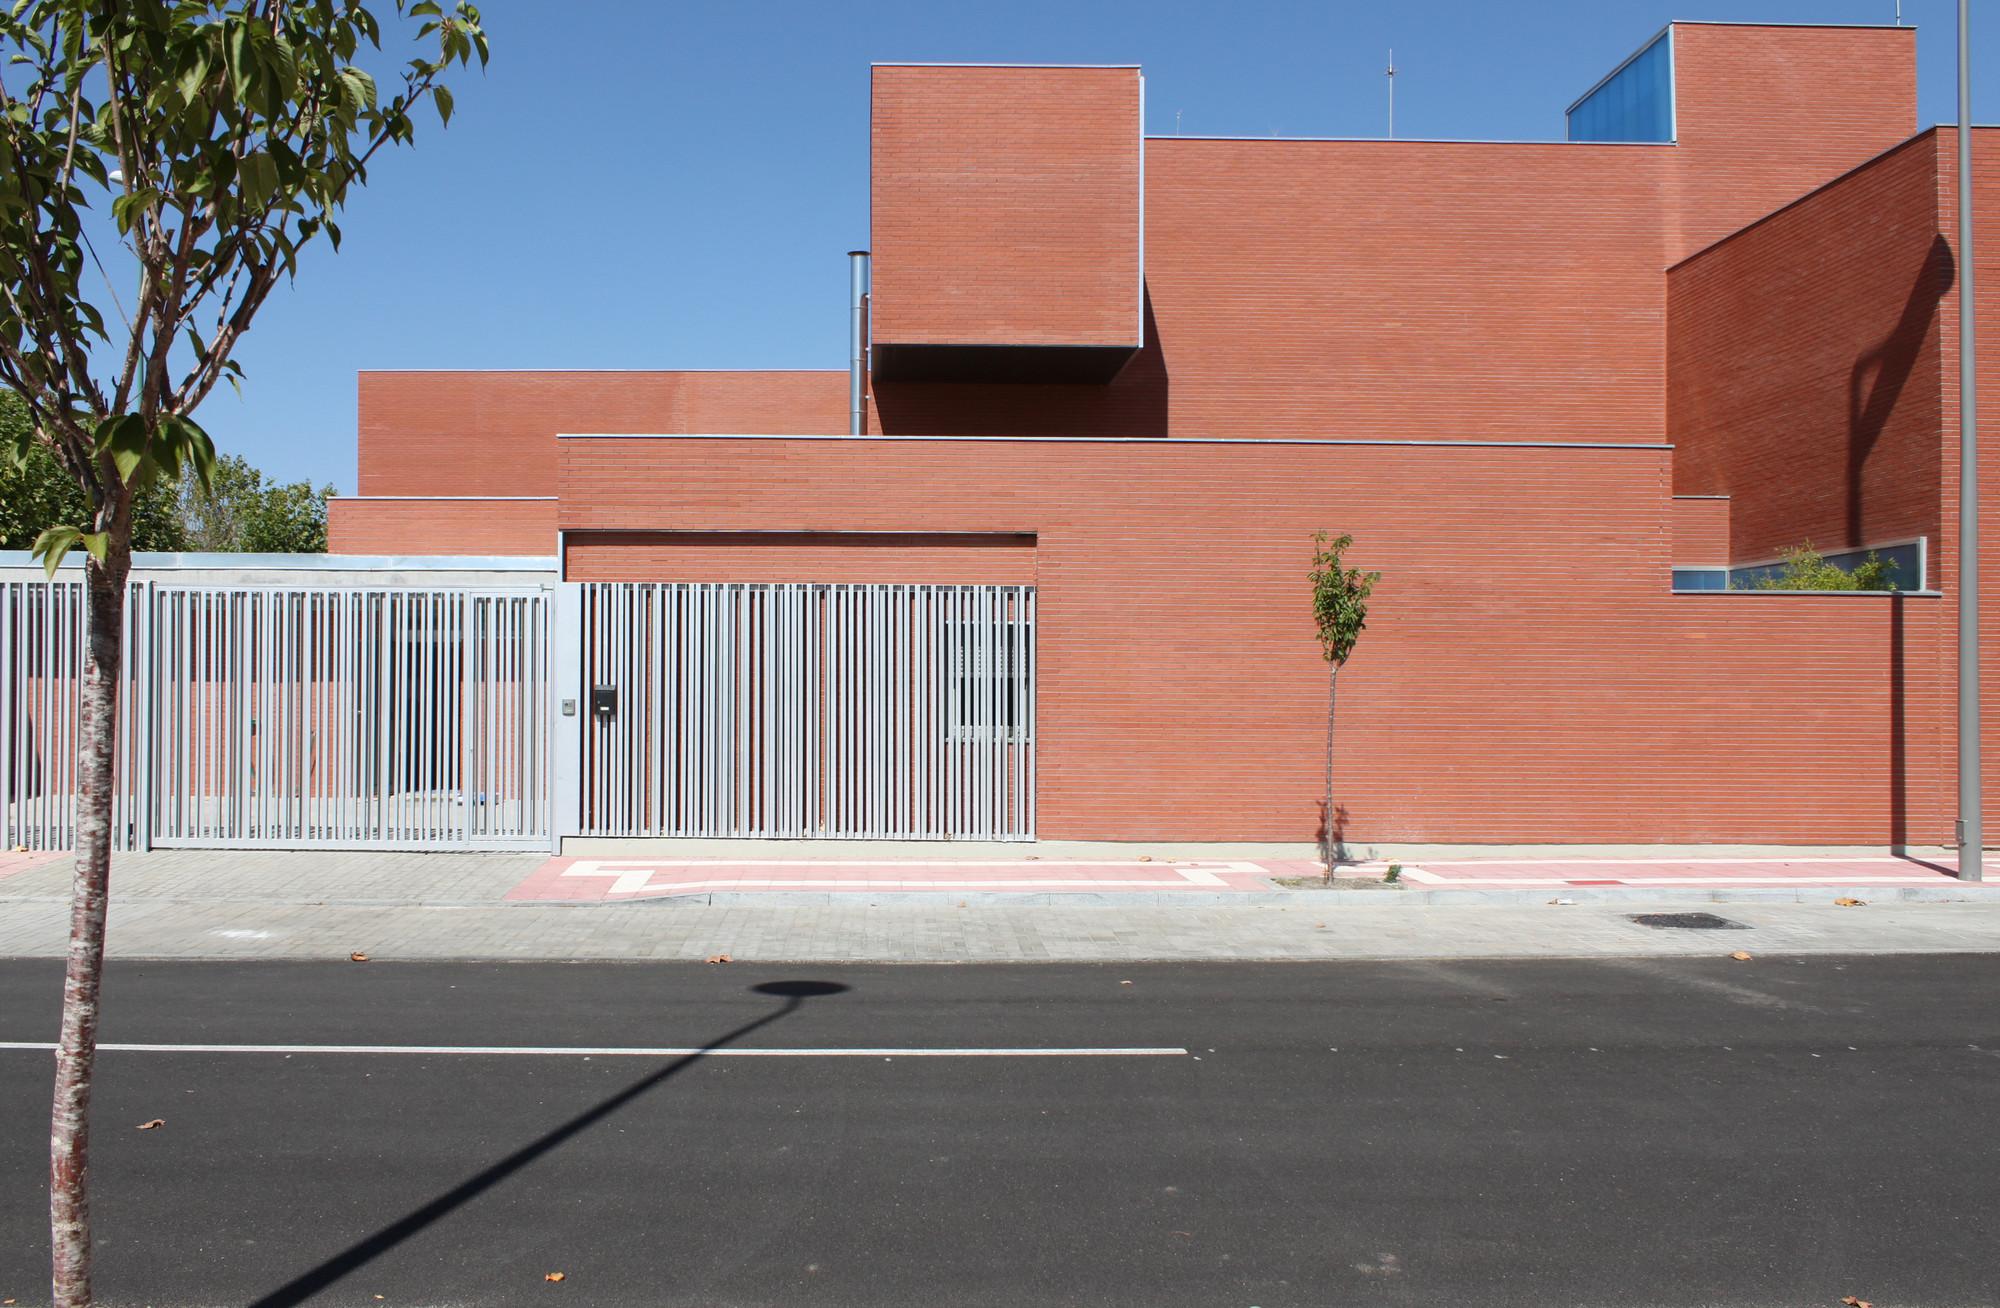 NIARA / Amas4arquitectura, © Pablo Guillén Llanos & Fernando Zaparaín